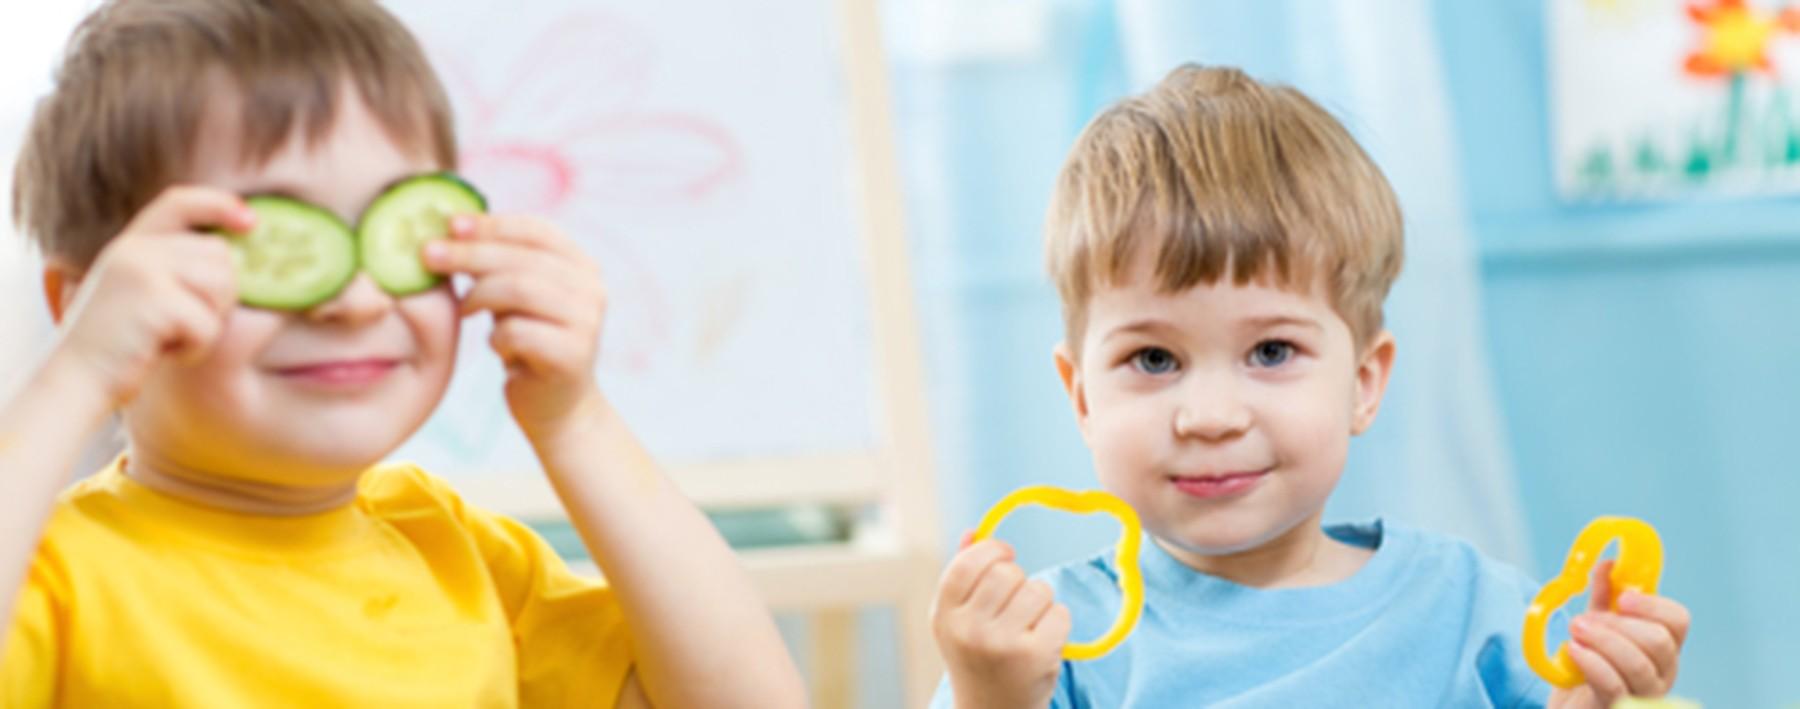 kids eating in kindergarten